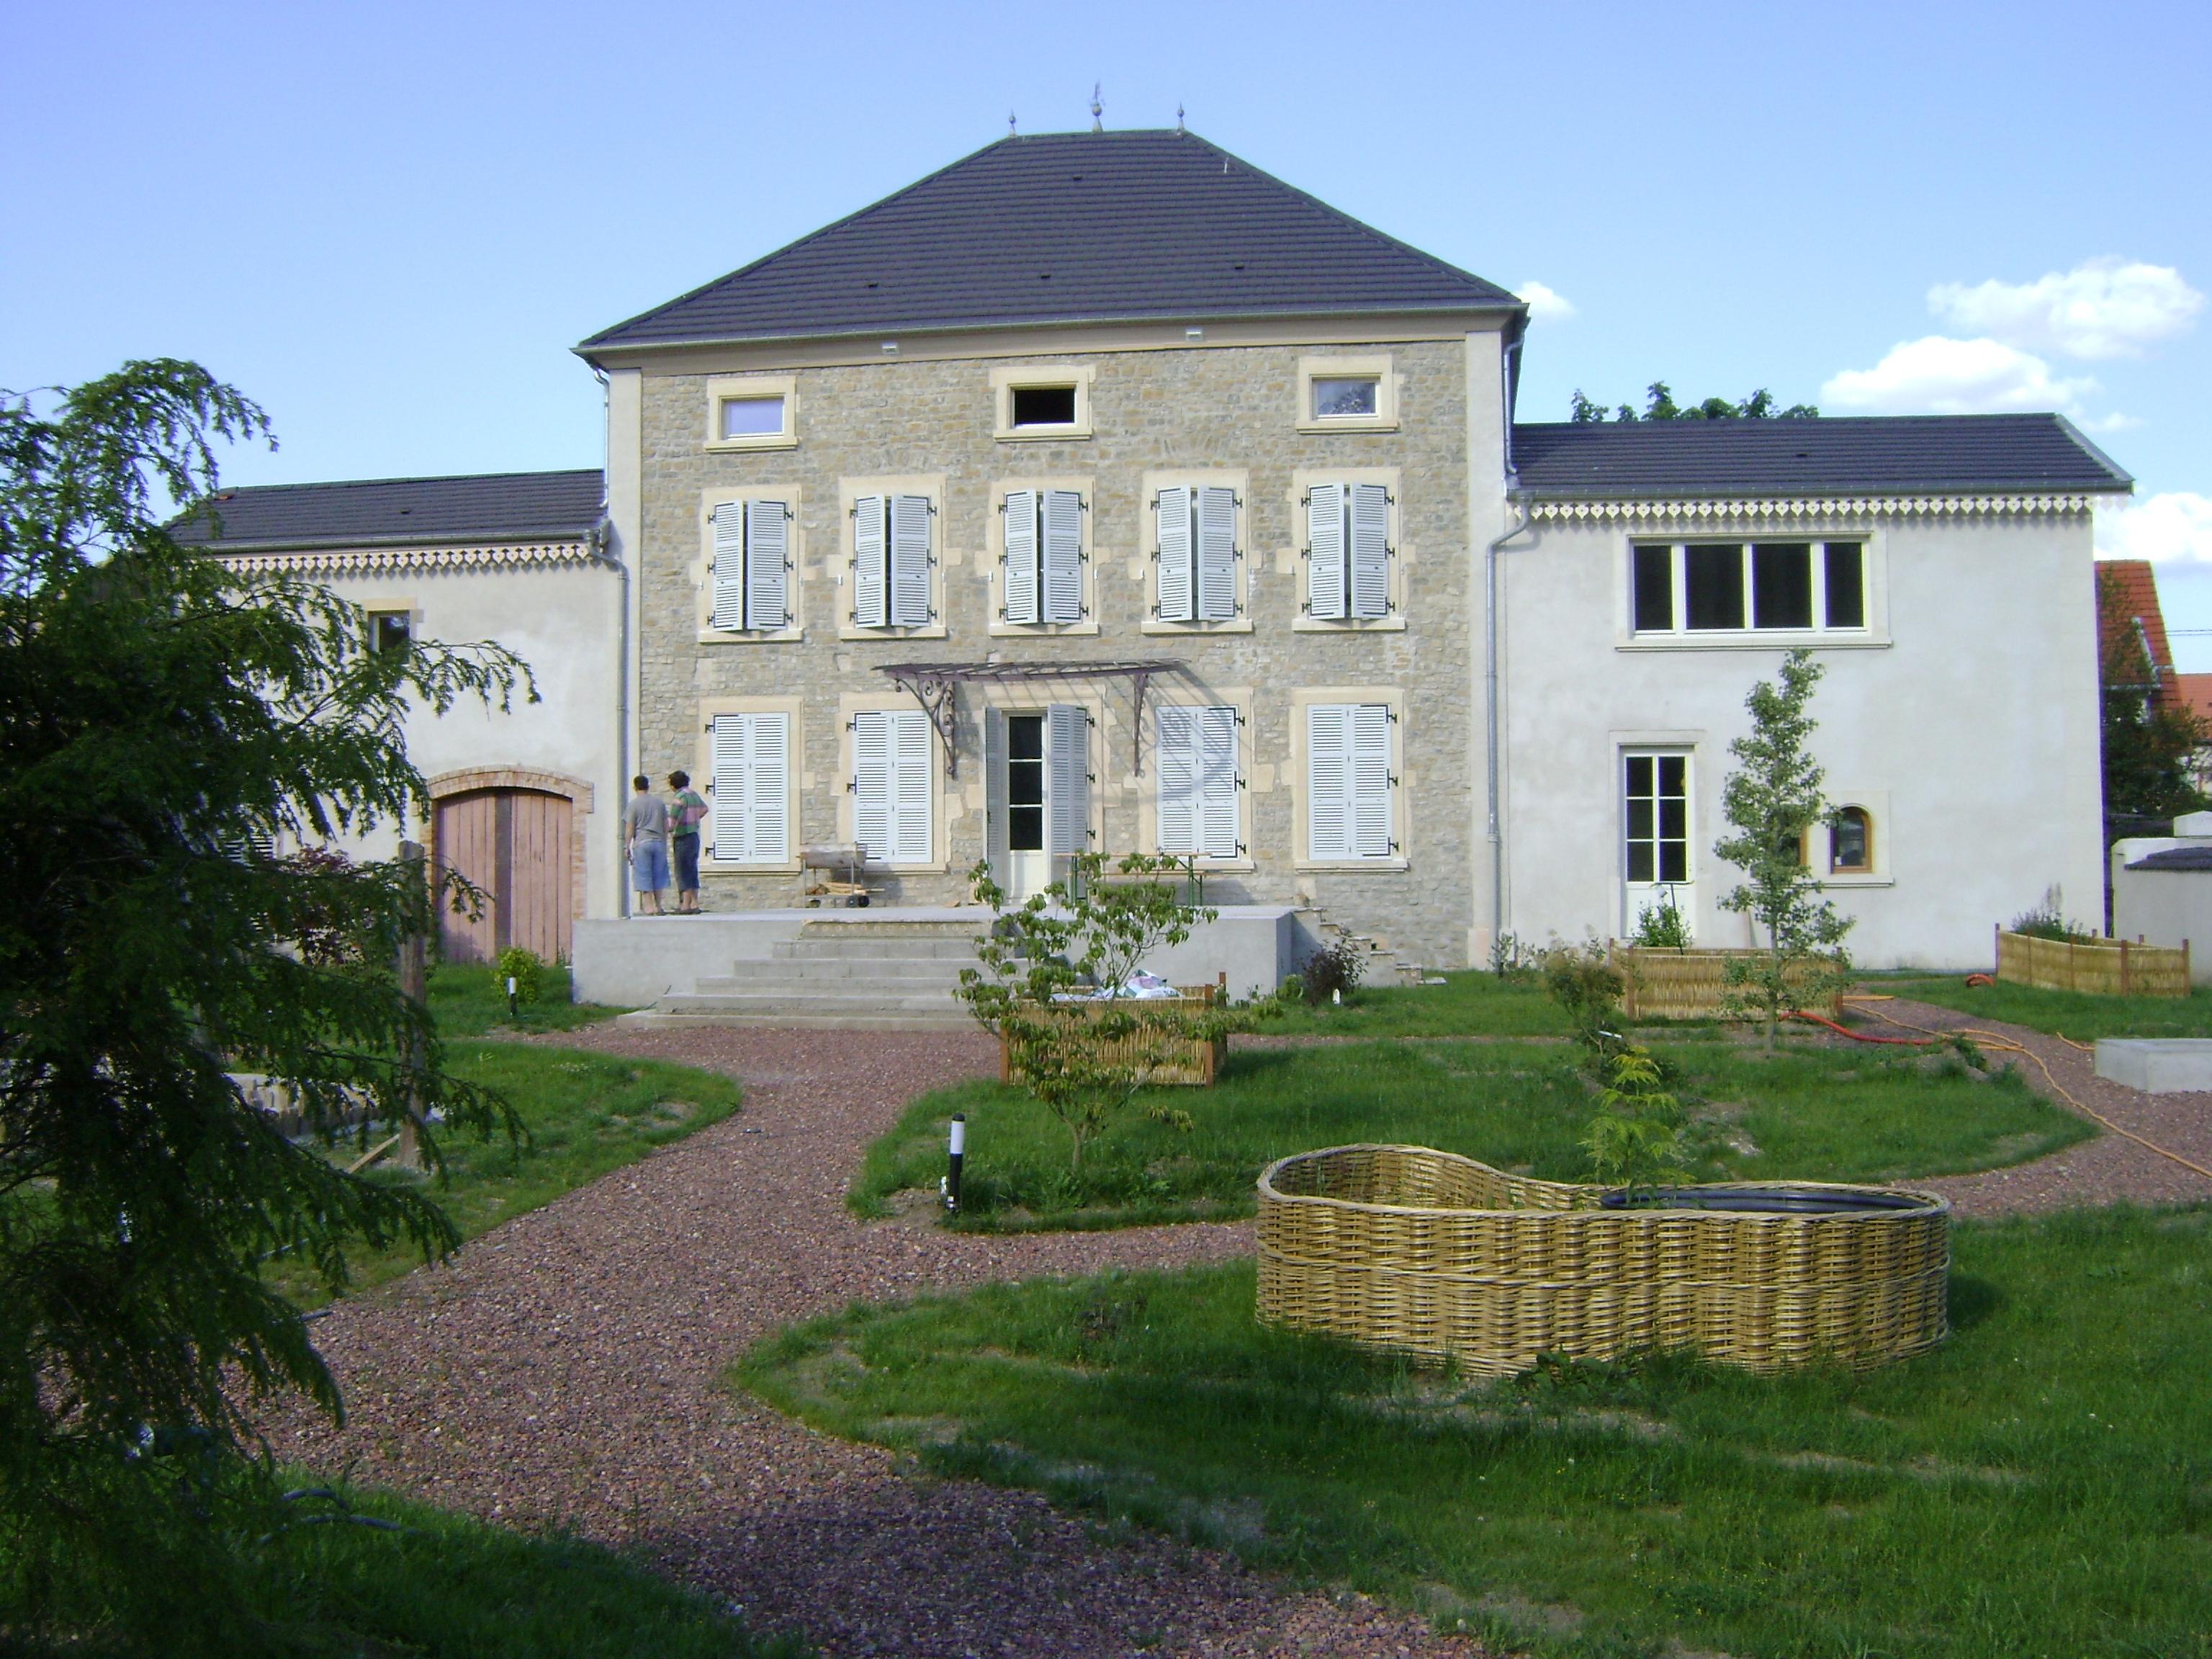 chateau vincent vu du jardin.JPG